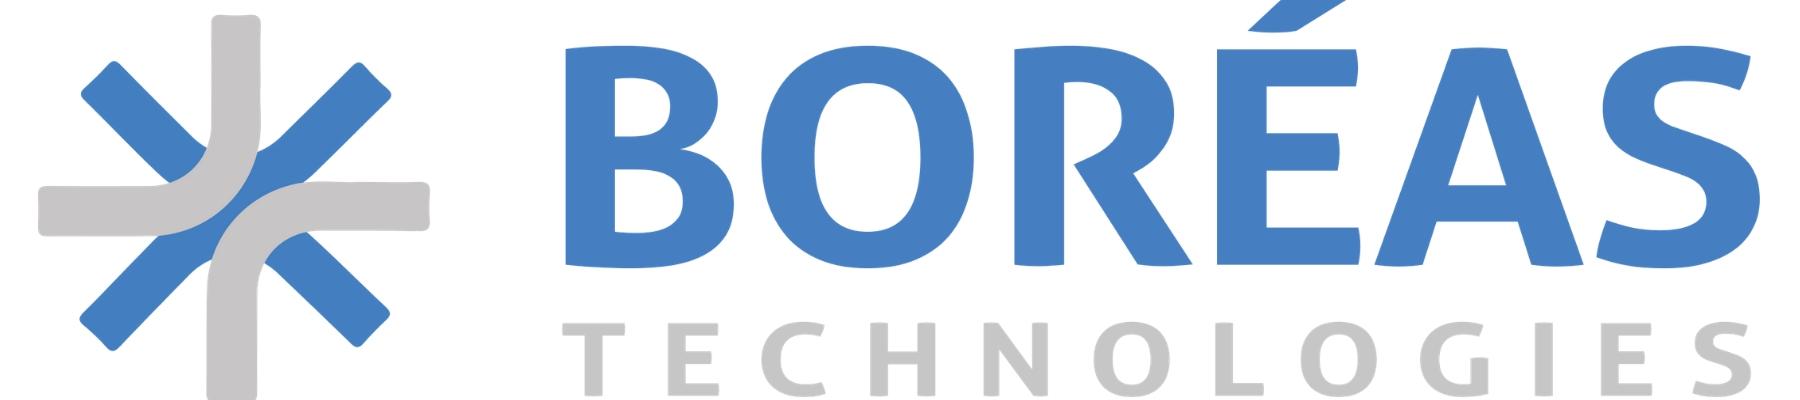 Boreas logo